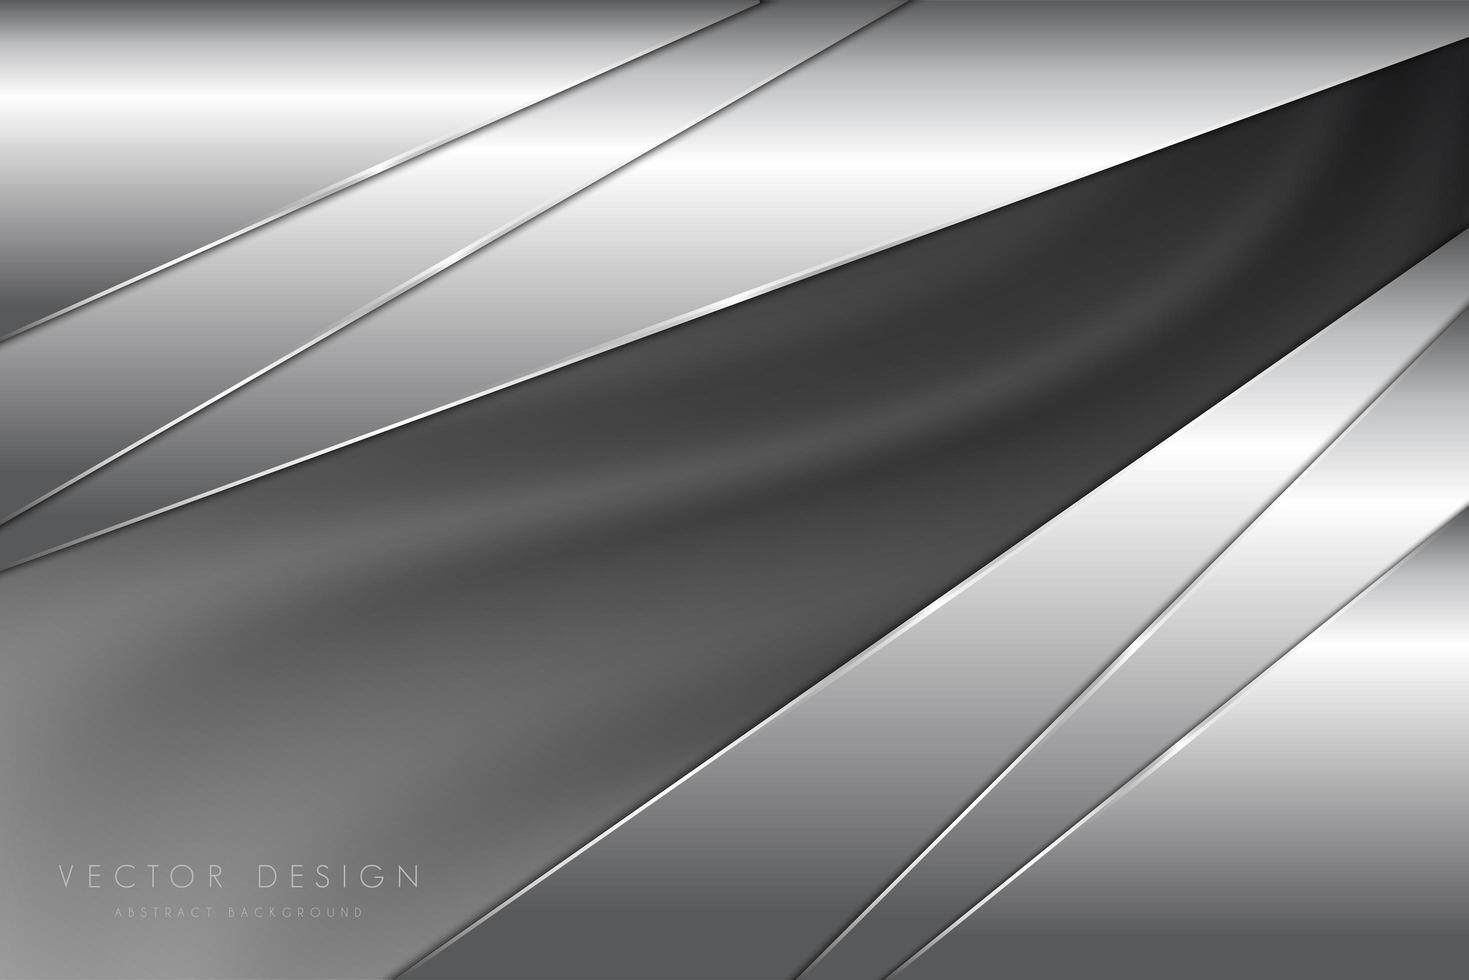 grå metallvinklade paneler med sidenstruktur vektor